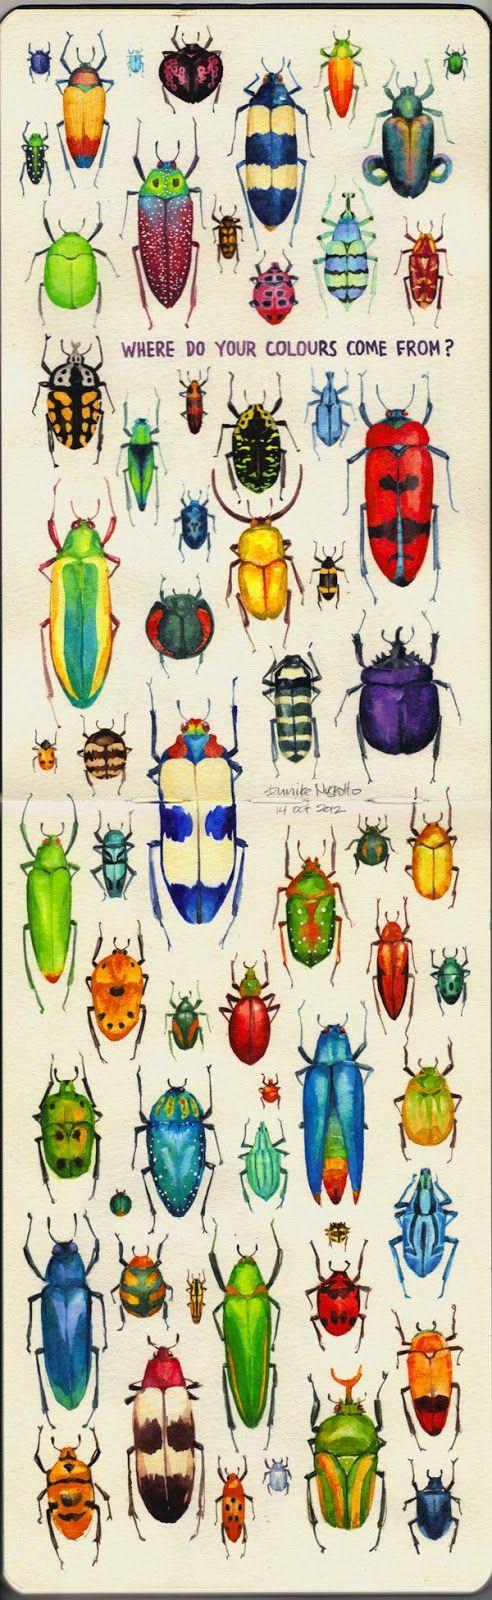 Eunike_Beetles.jpg (492×1600)